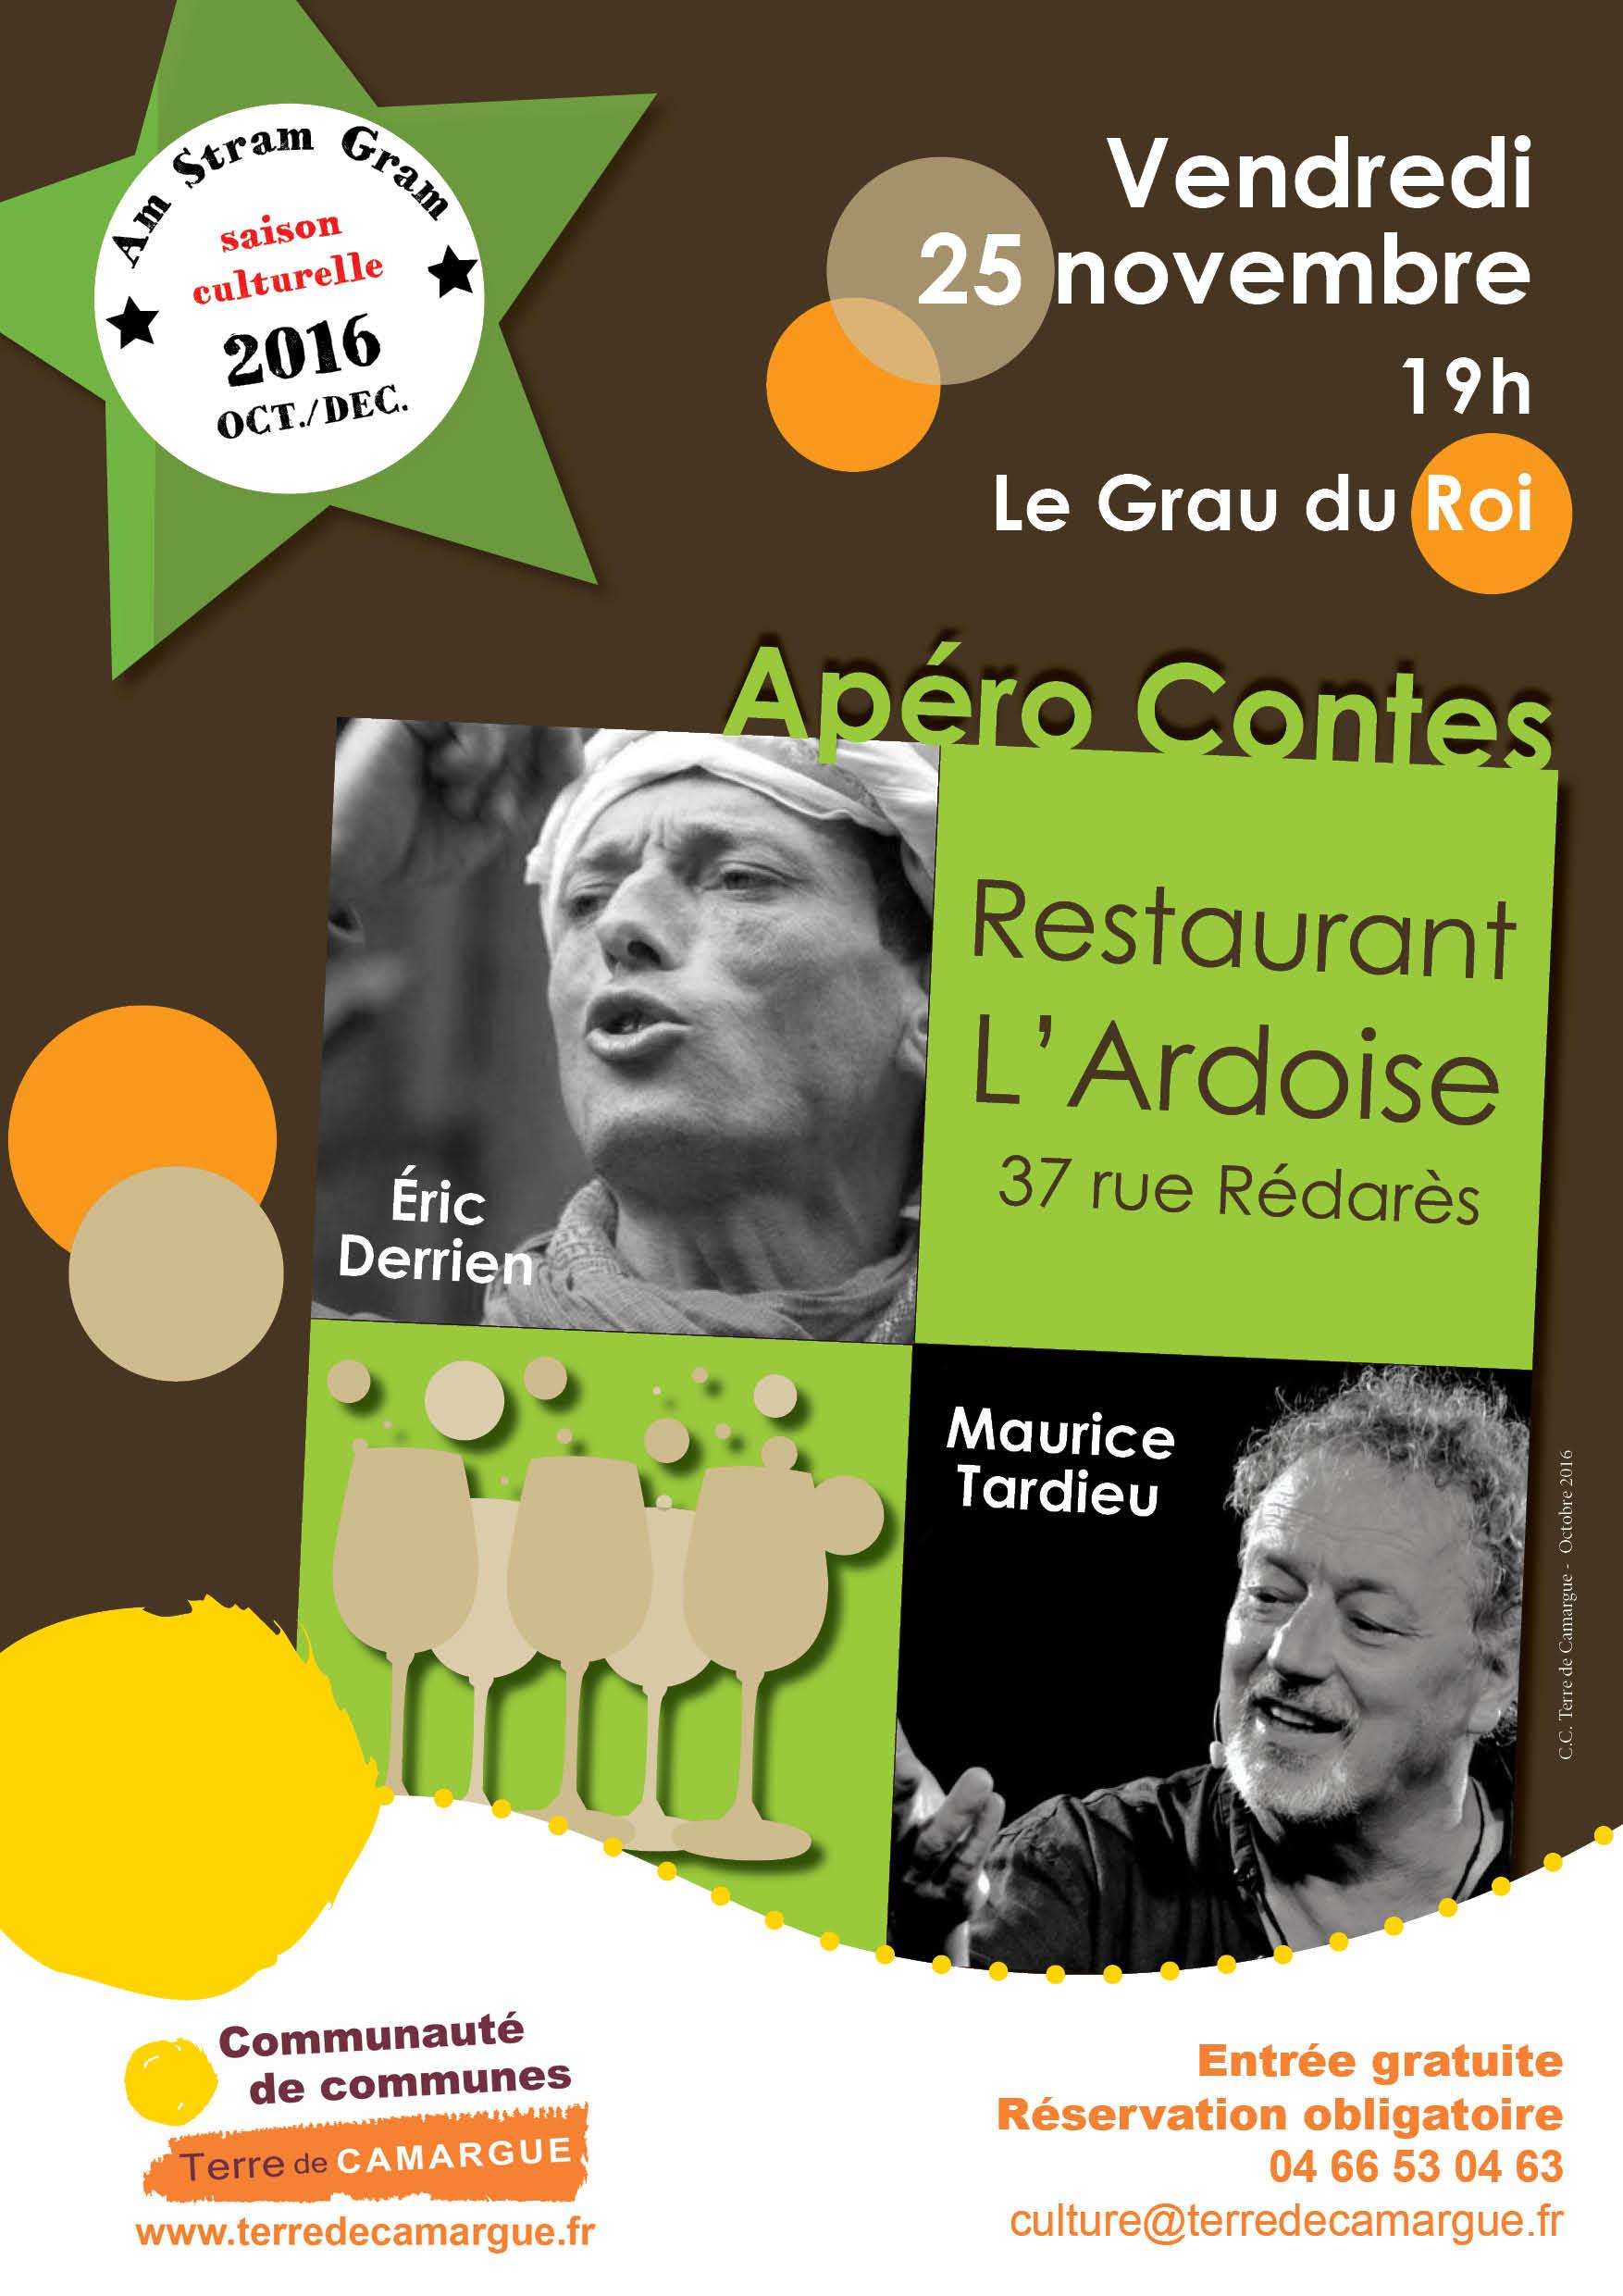 Apéro contes avec Maurice Tardieu et Eric Derrien